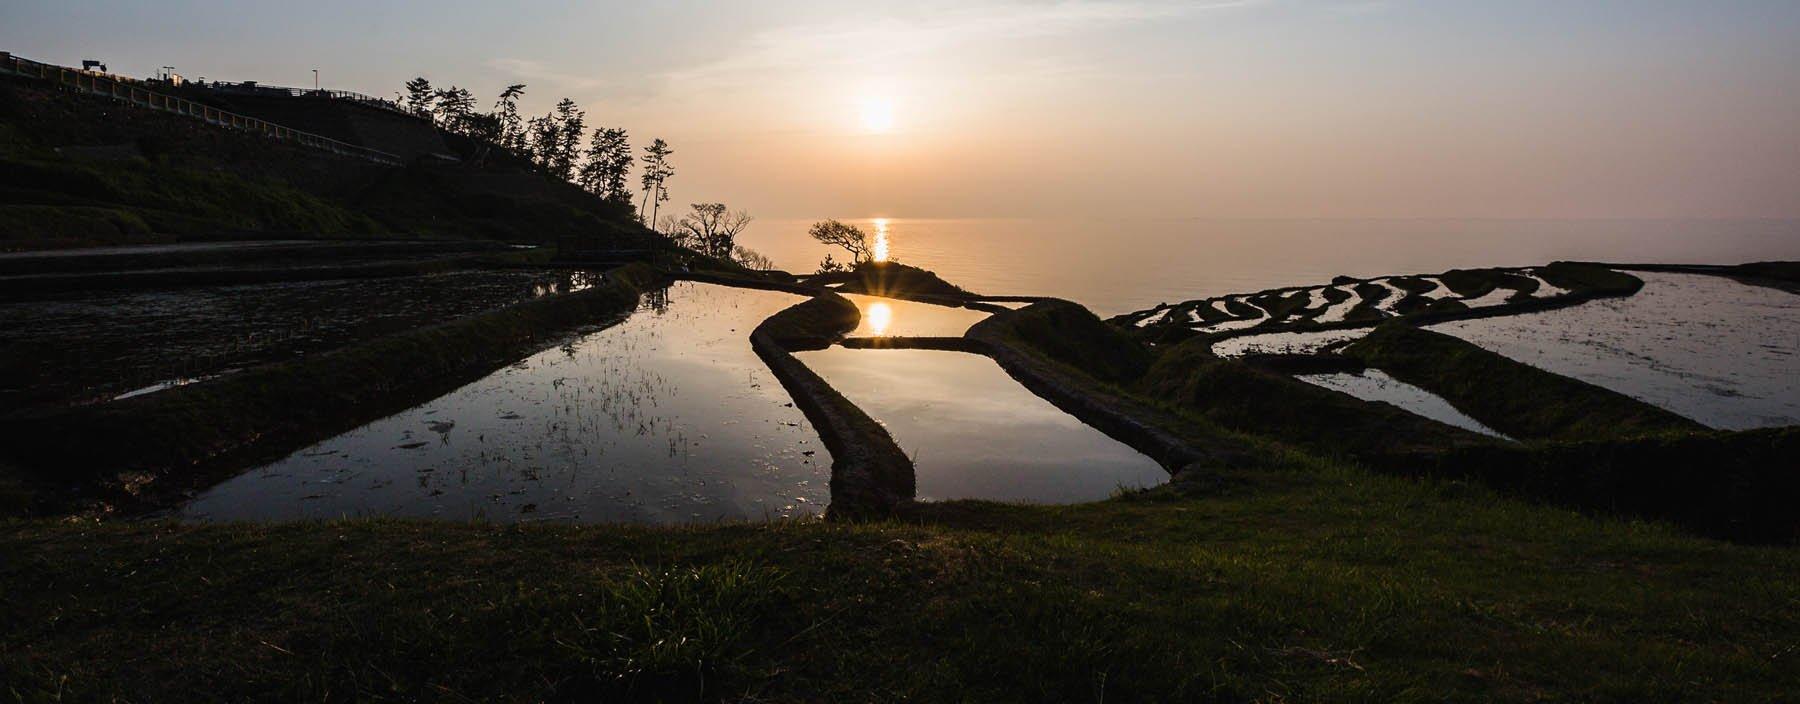 jp, noto eiland, rijstvelden (1).jpg